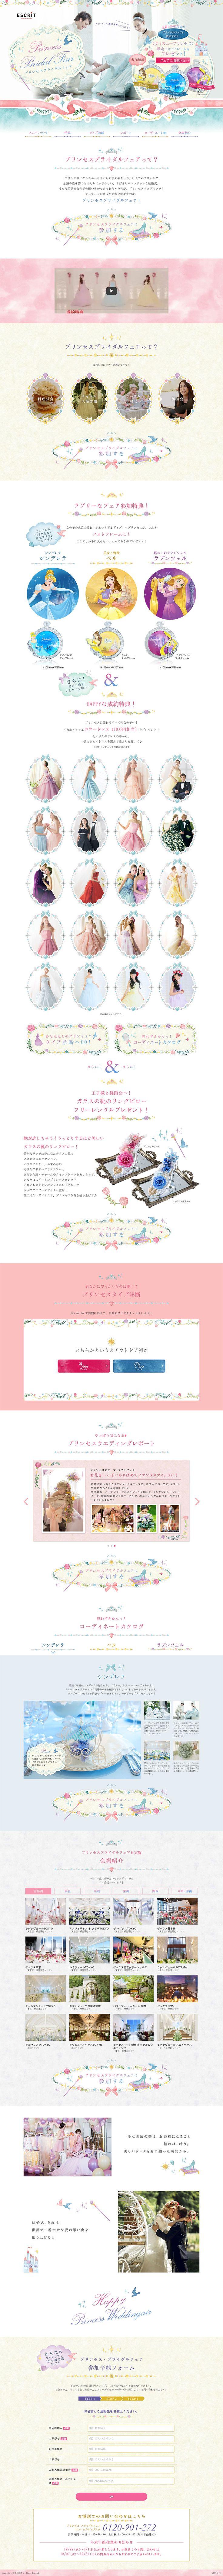 プリンセス・ブライダルフェア キャンペーン【サービス関連】のLPデザイン。WEBデザイナーさん必見!ランディングページのデザイン参考に()